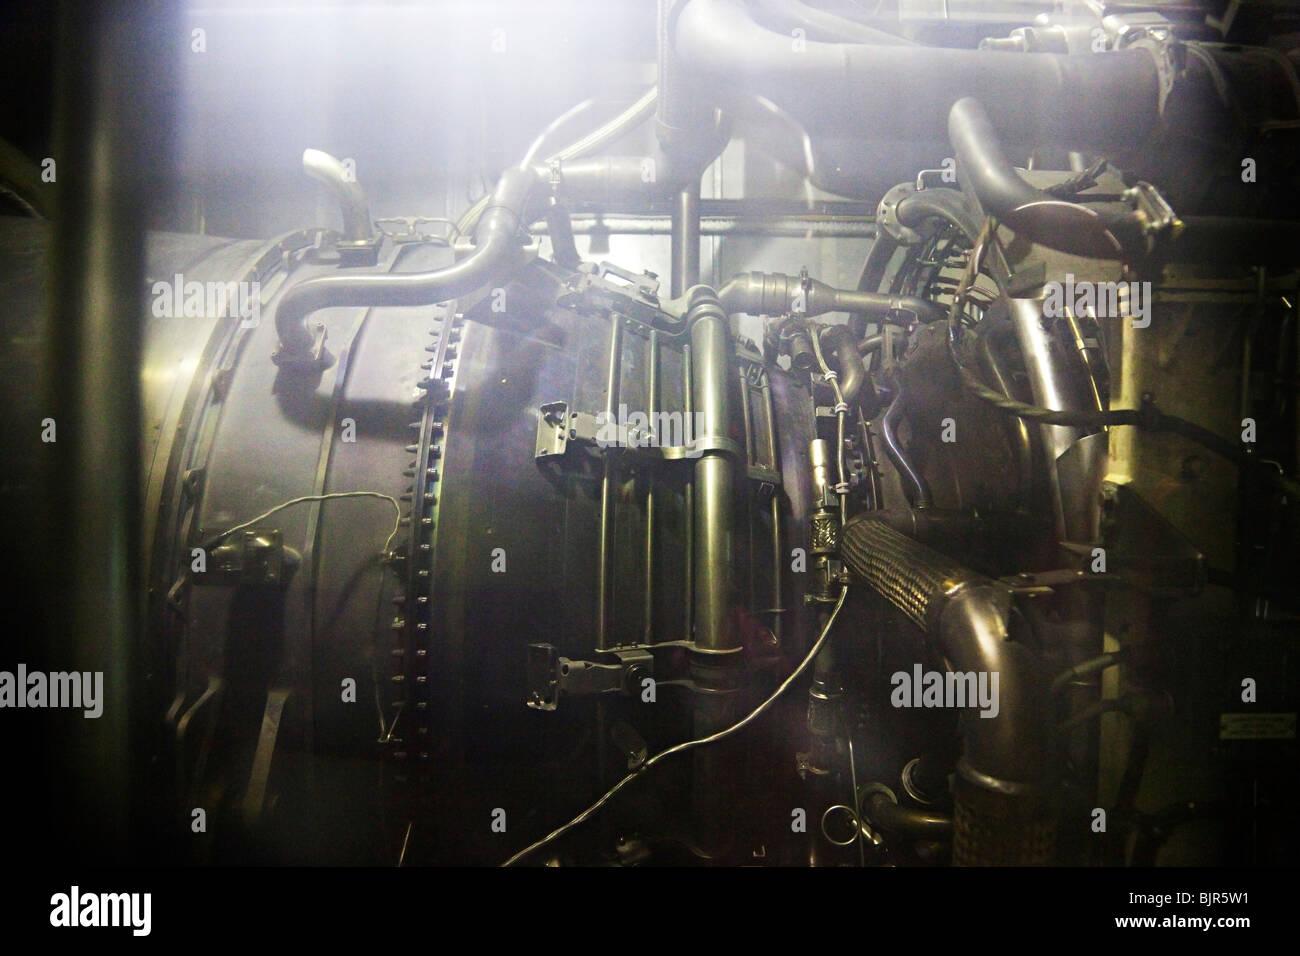 Motore a turbina a gas per la generazione di energia elettrica (centrale a ciclo combinato) Immagini Stock